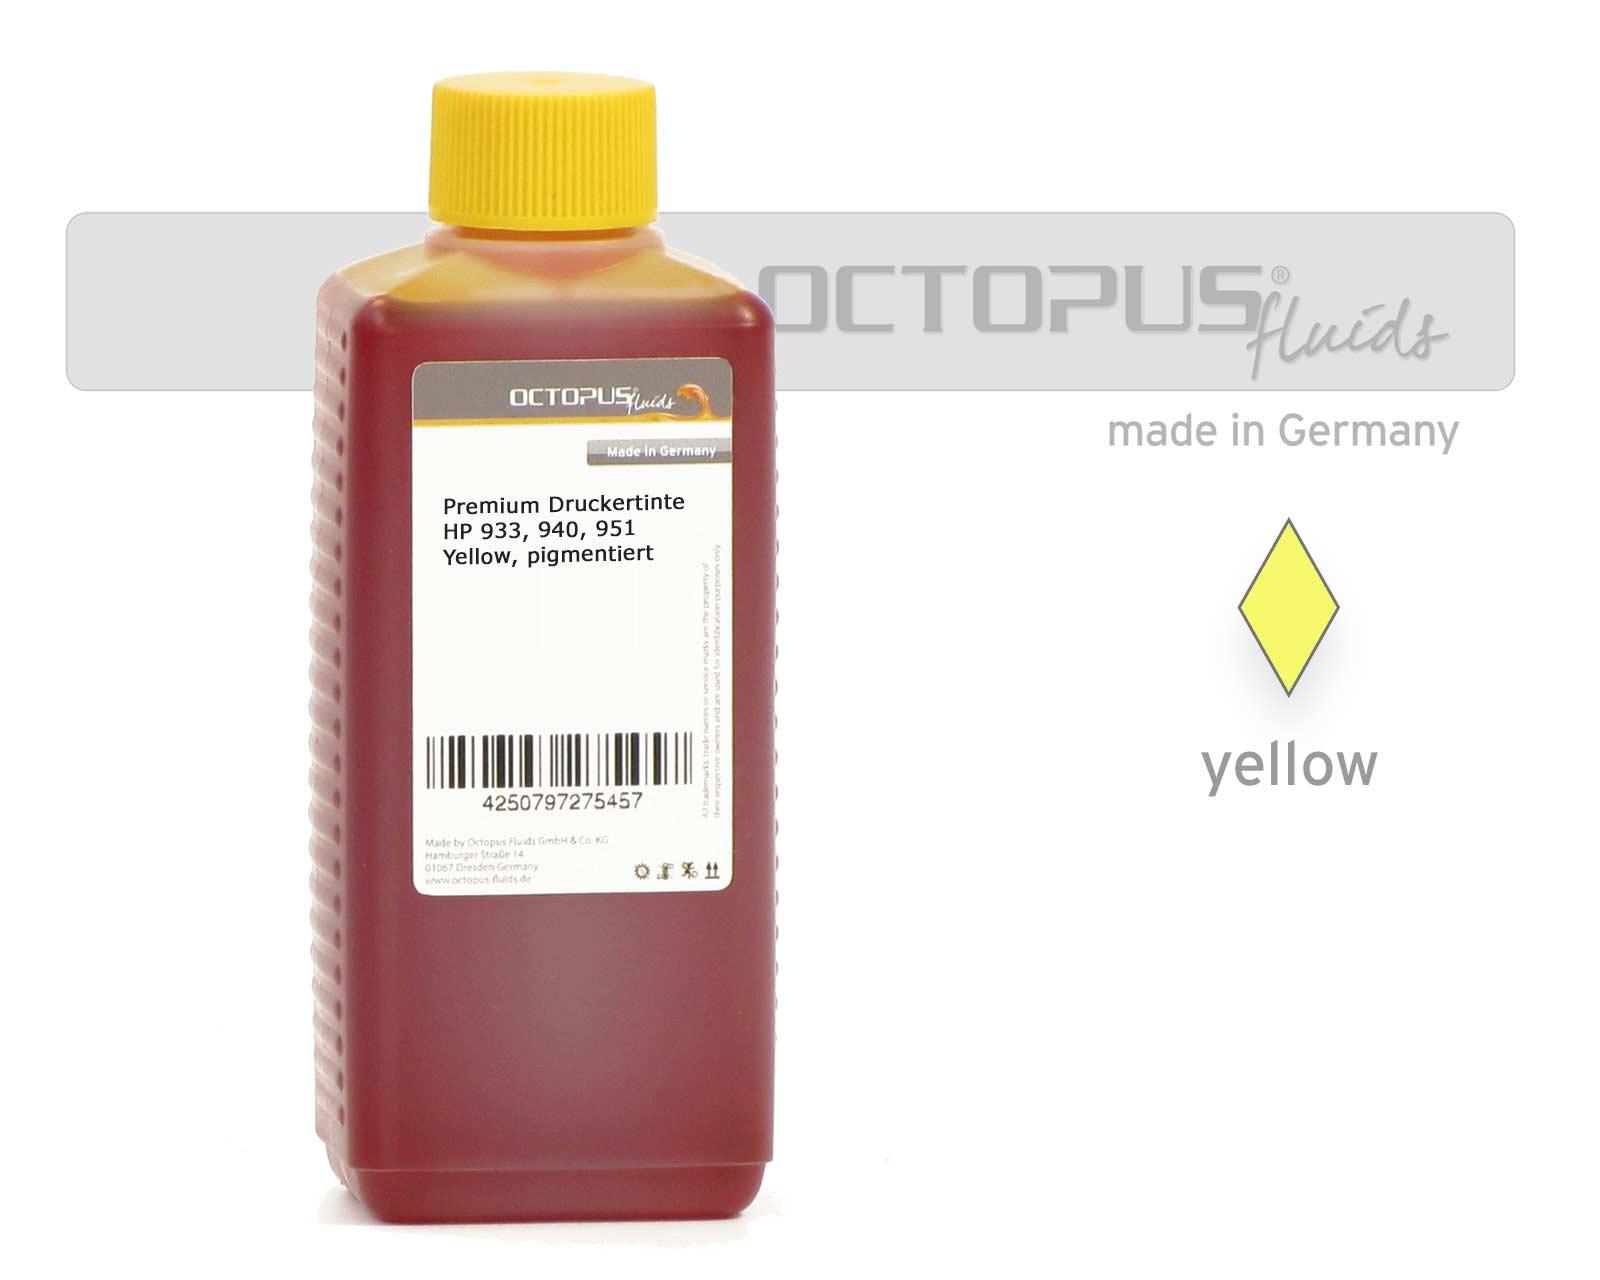 Inchiostro Octopus per HP 933, 940, 951 giallo pigmentato